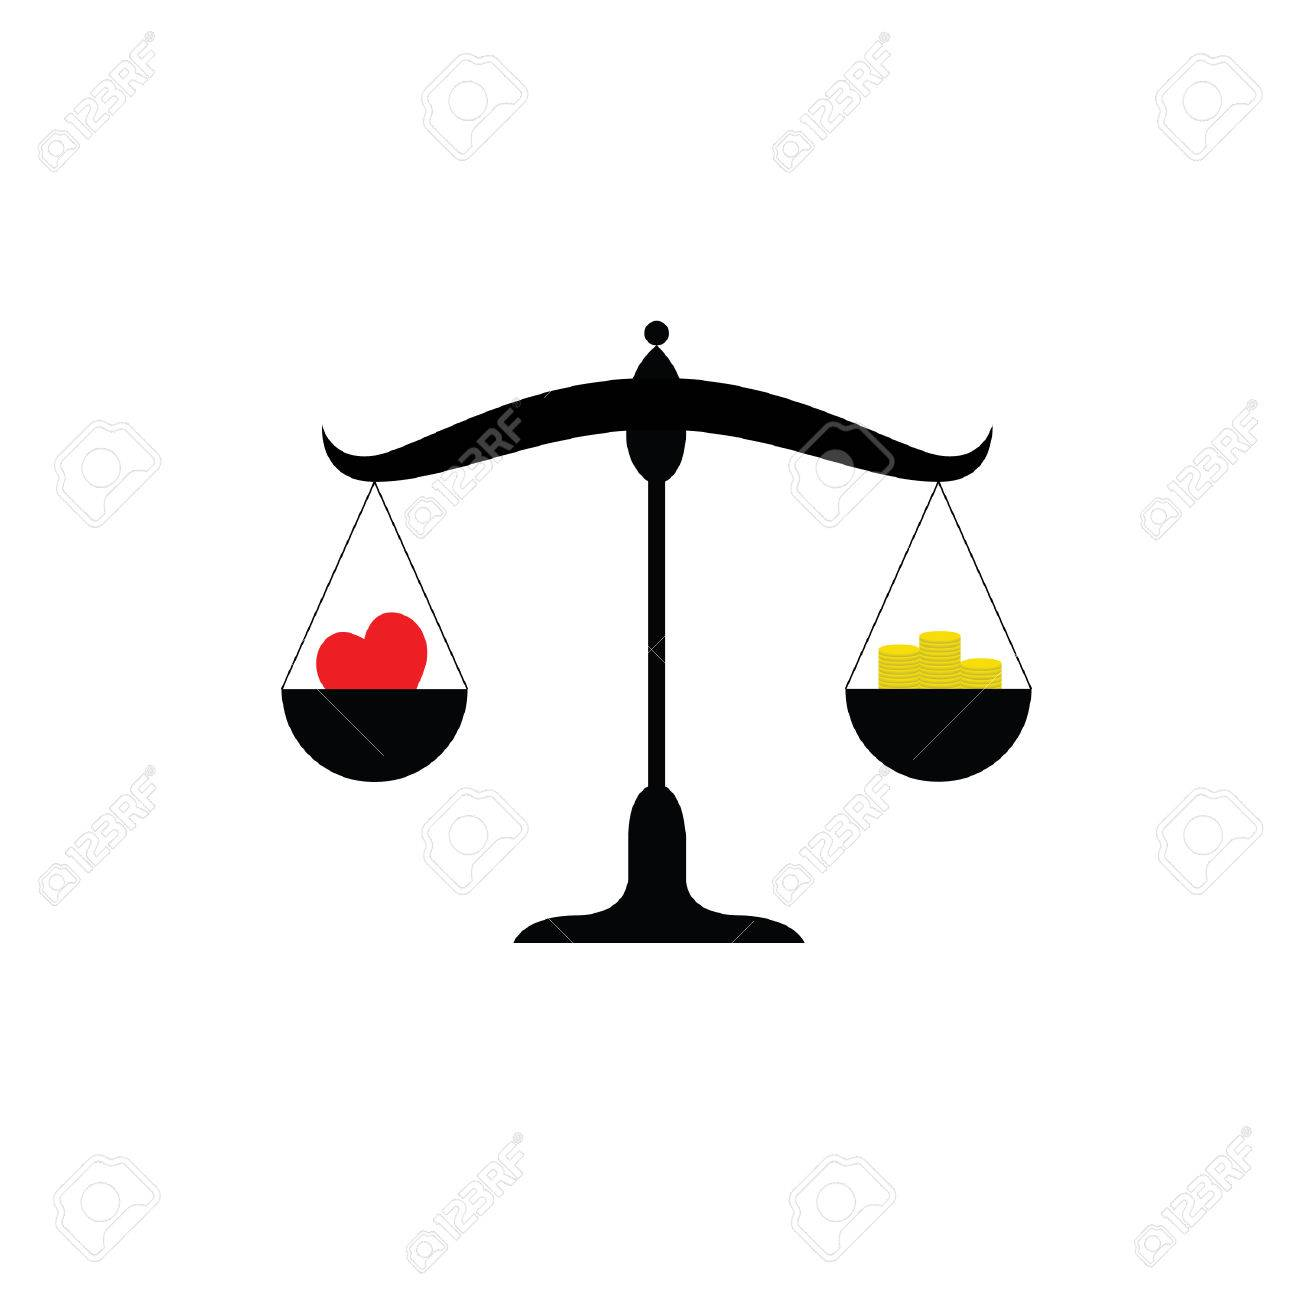 balance scale or balance